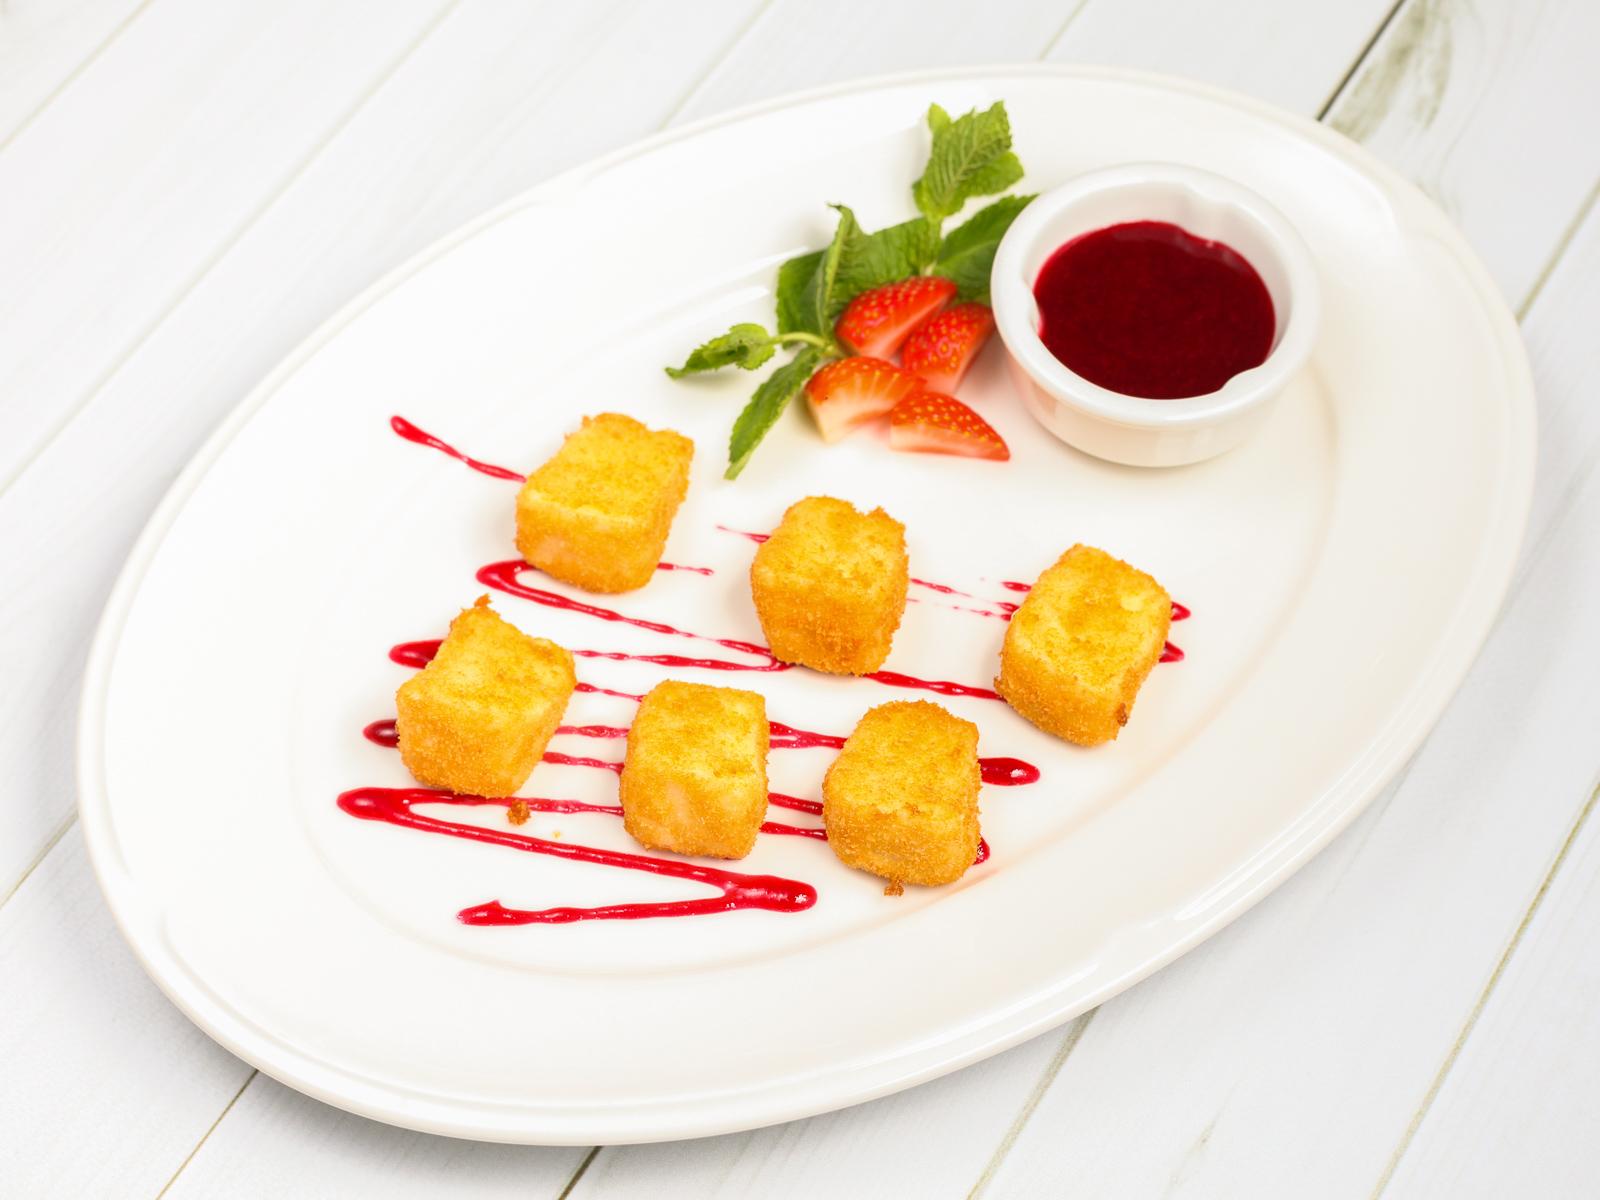 Жареный сыр камамбер с ягодным соусом